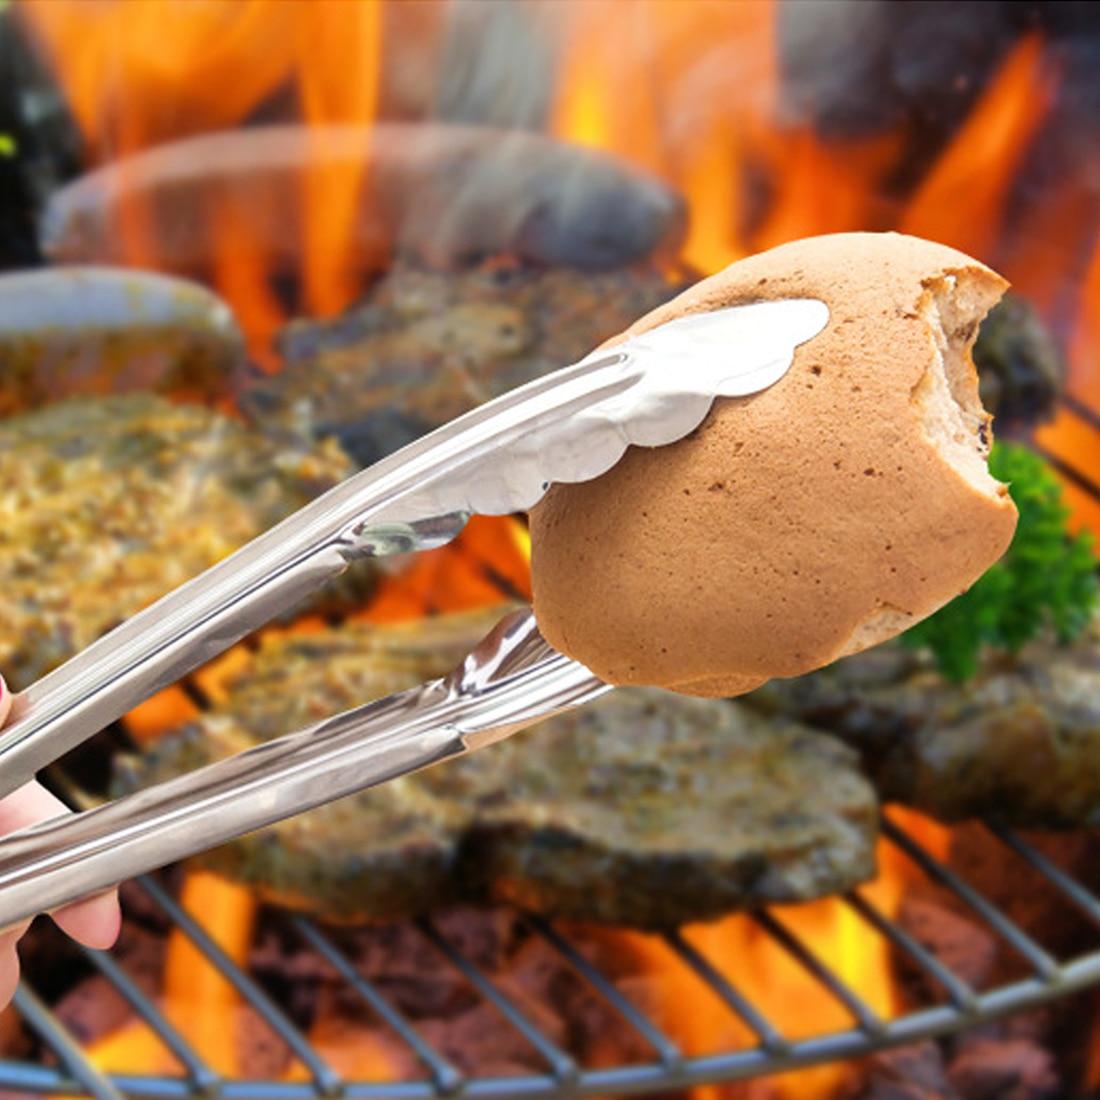 Augšējā pārdošana Nerūsējošā tērauda virtuves knaibles Virtuves ēdiena gatavošanas trauks Trauku trauki Tērauda karstuma maizes klipši Konditorejas izstrādājumi grilēšanai